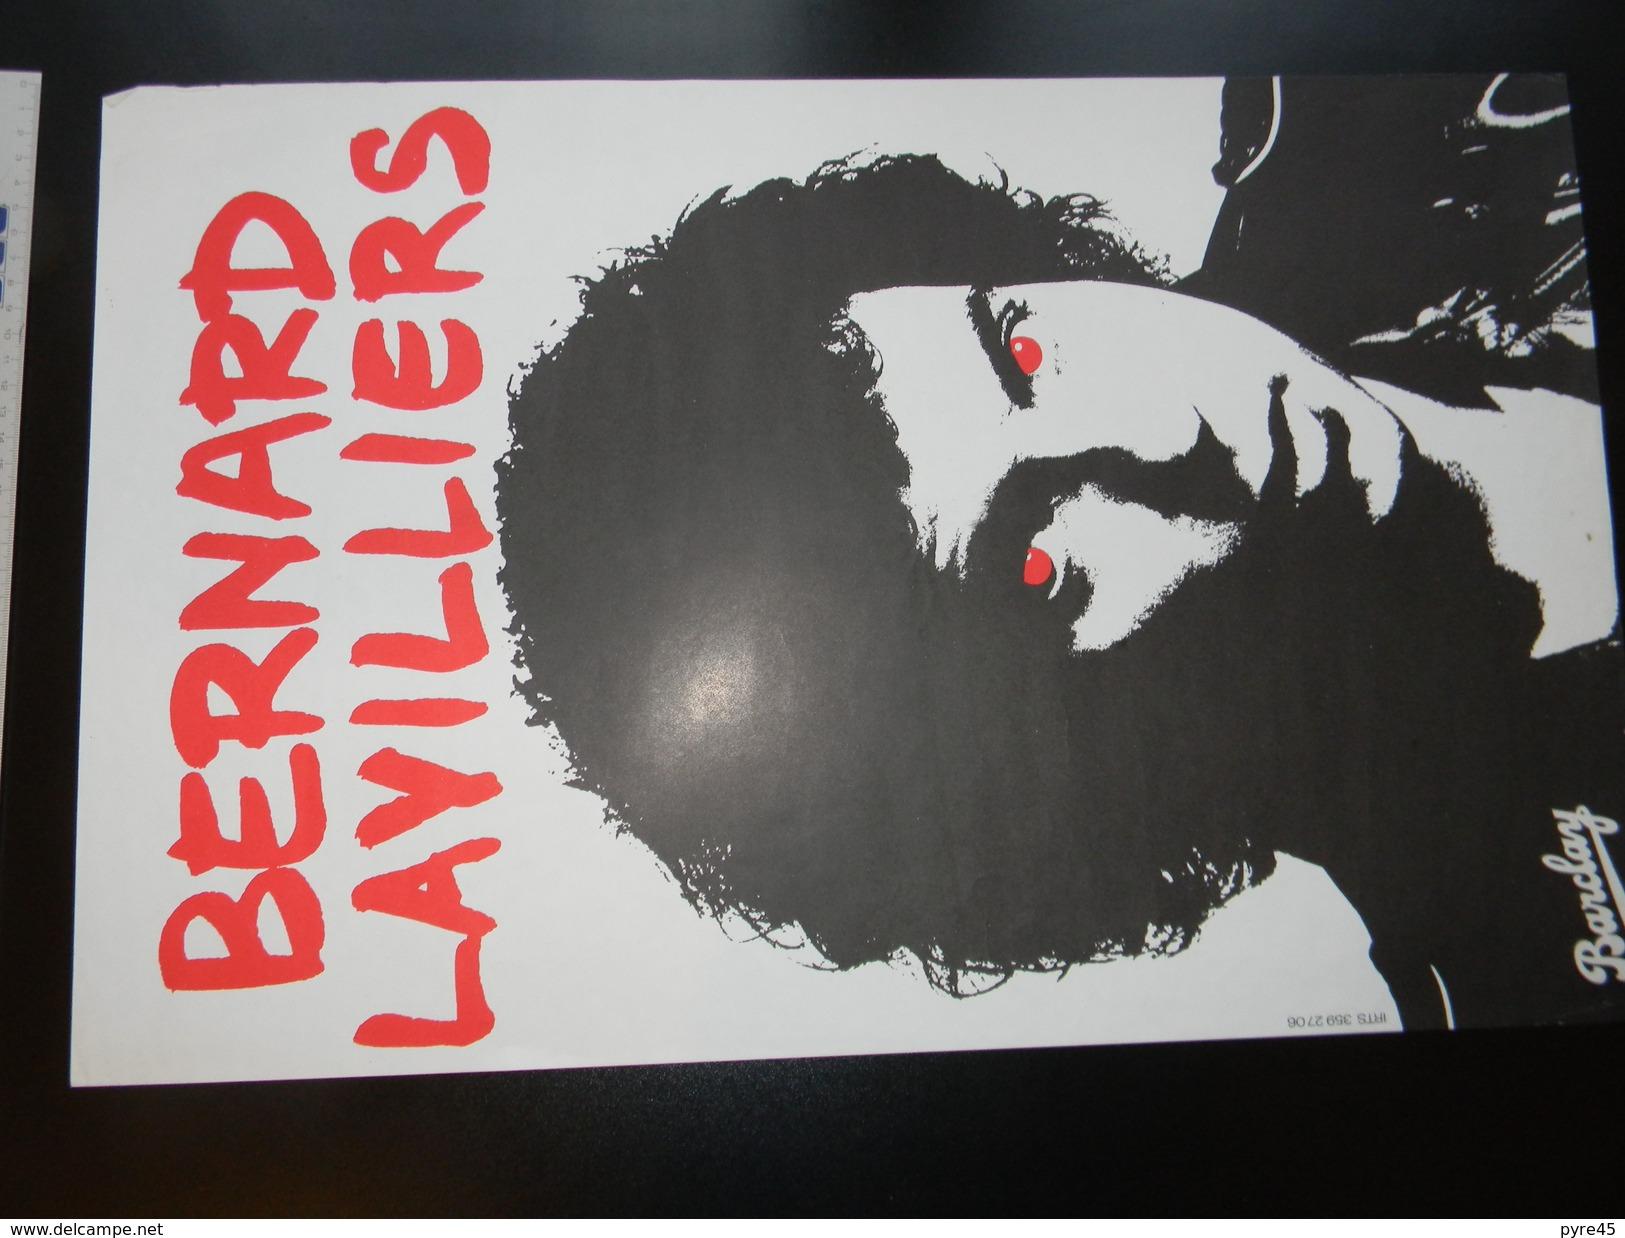 Affichette Bernard Lavilliers 58 X 37 Cm - Plakate & Poster